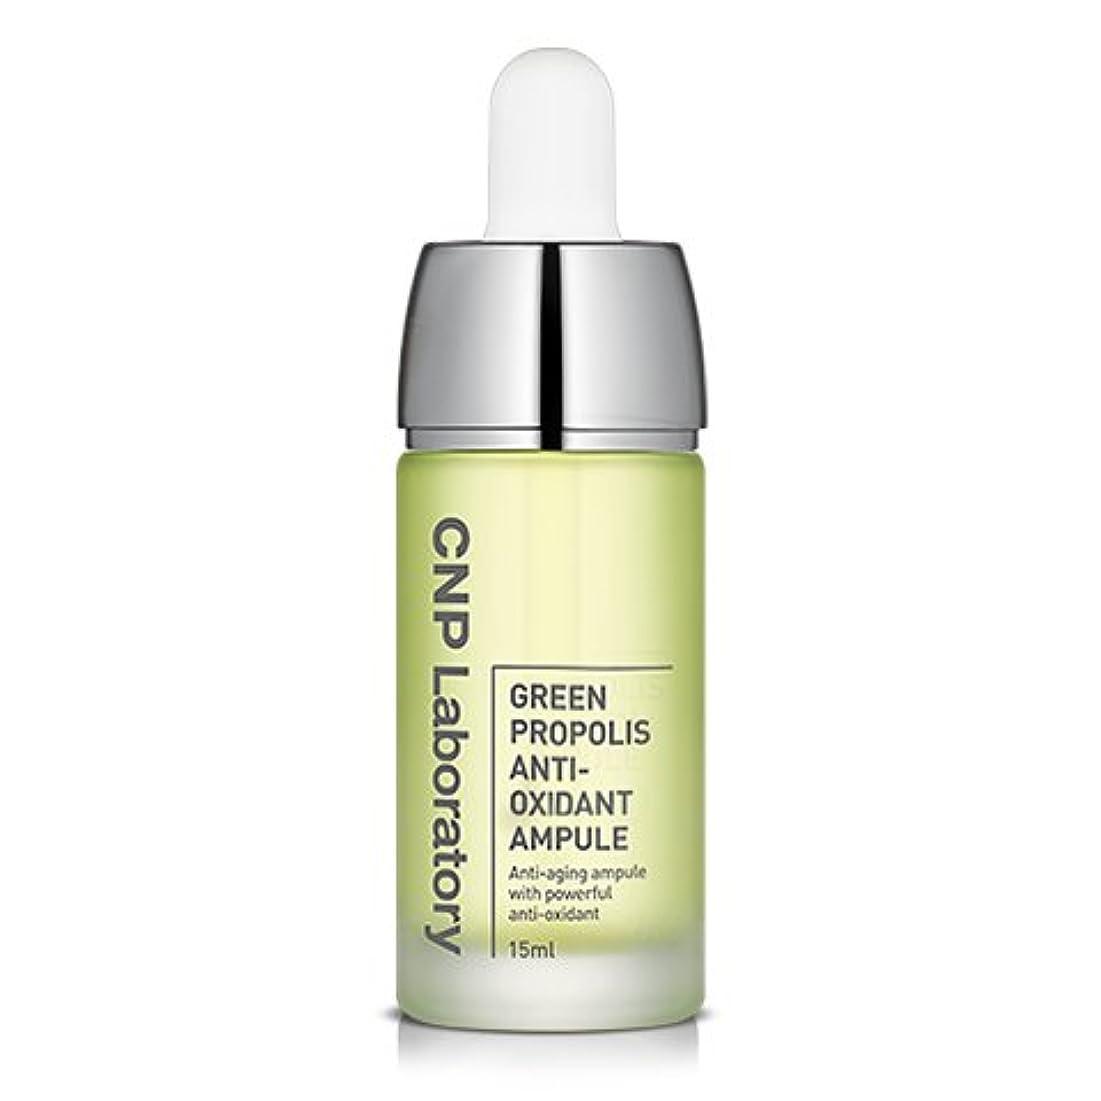 主張する配送ソファーCNP Laboratory グリーンプロポリス酸化防止剤アンプル/Green Propolis Anti-Oxidant Ampule 15ml [並行輸入品]